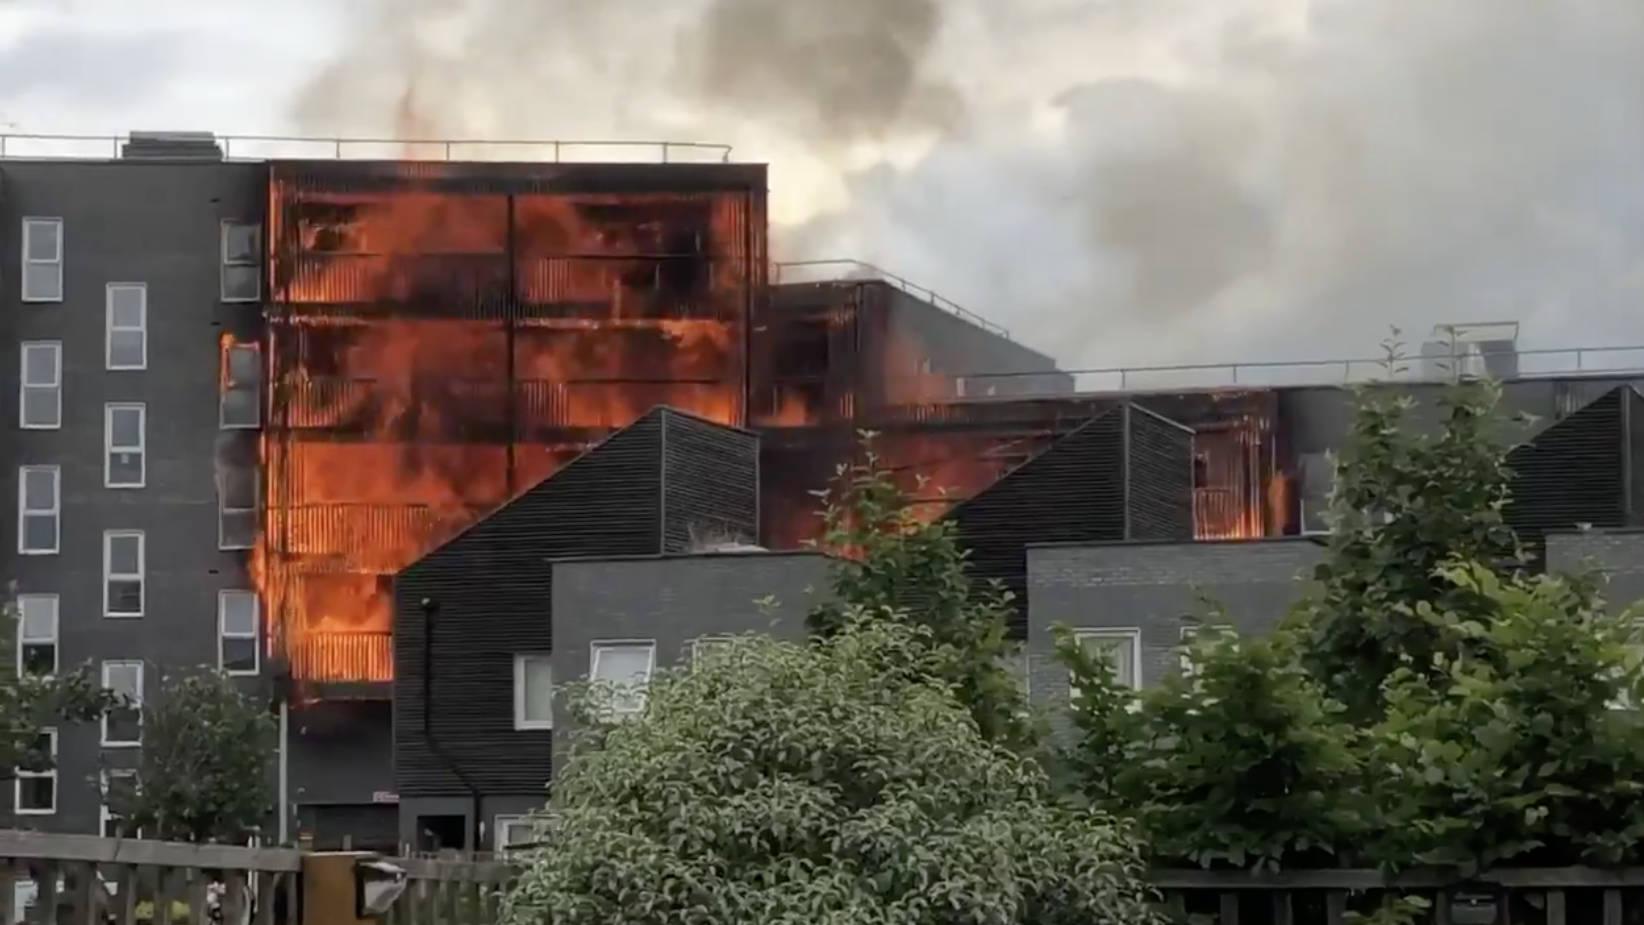 100 Firefighters Battle Blaze At Block Of Flats In East London